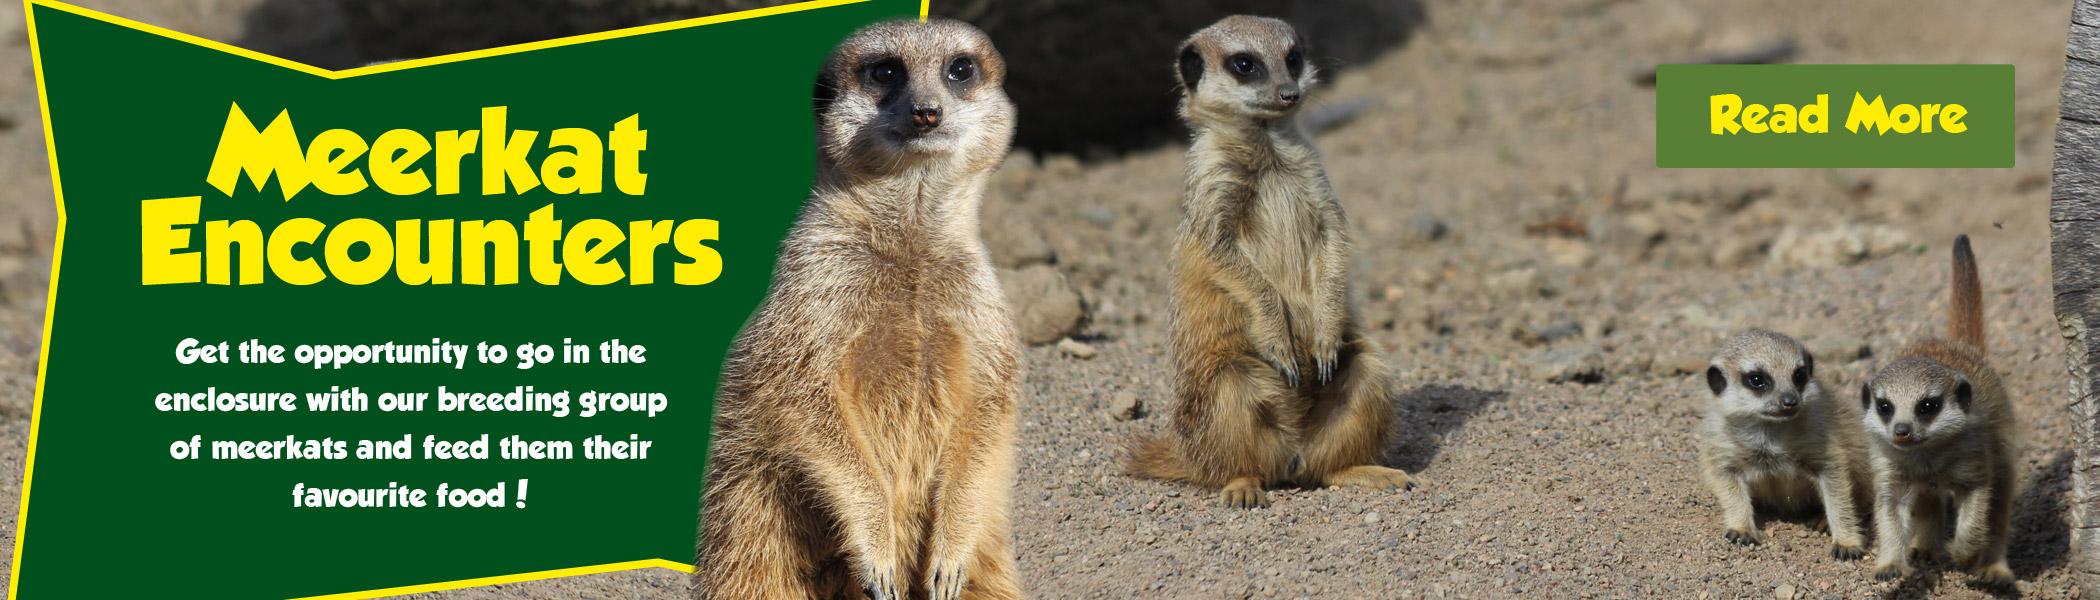 Meerkat Encounters